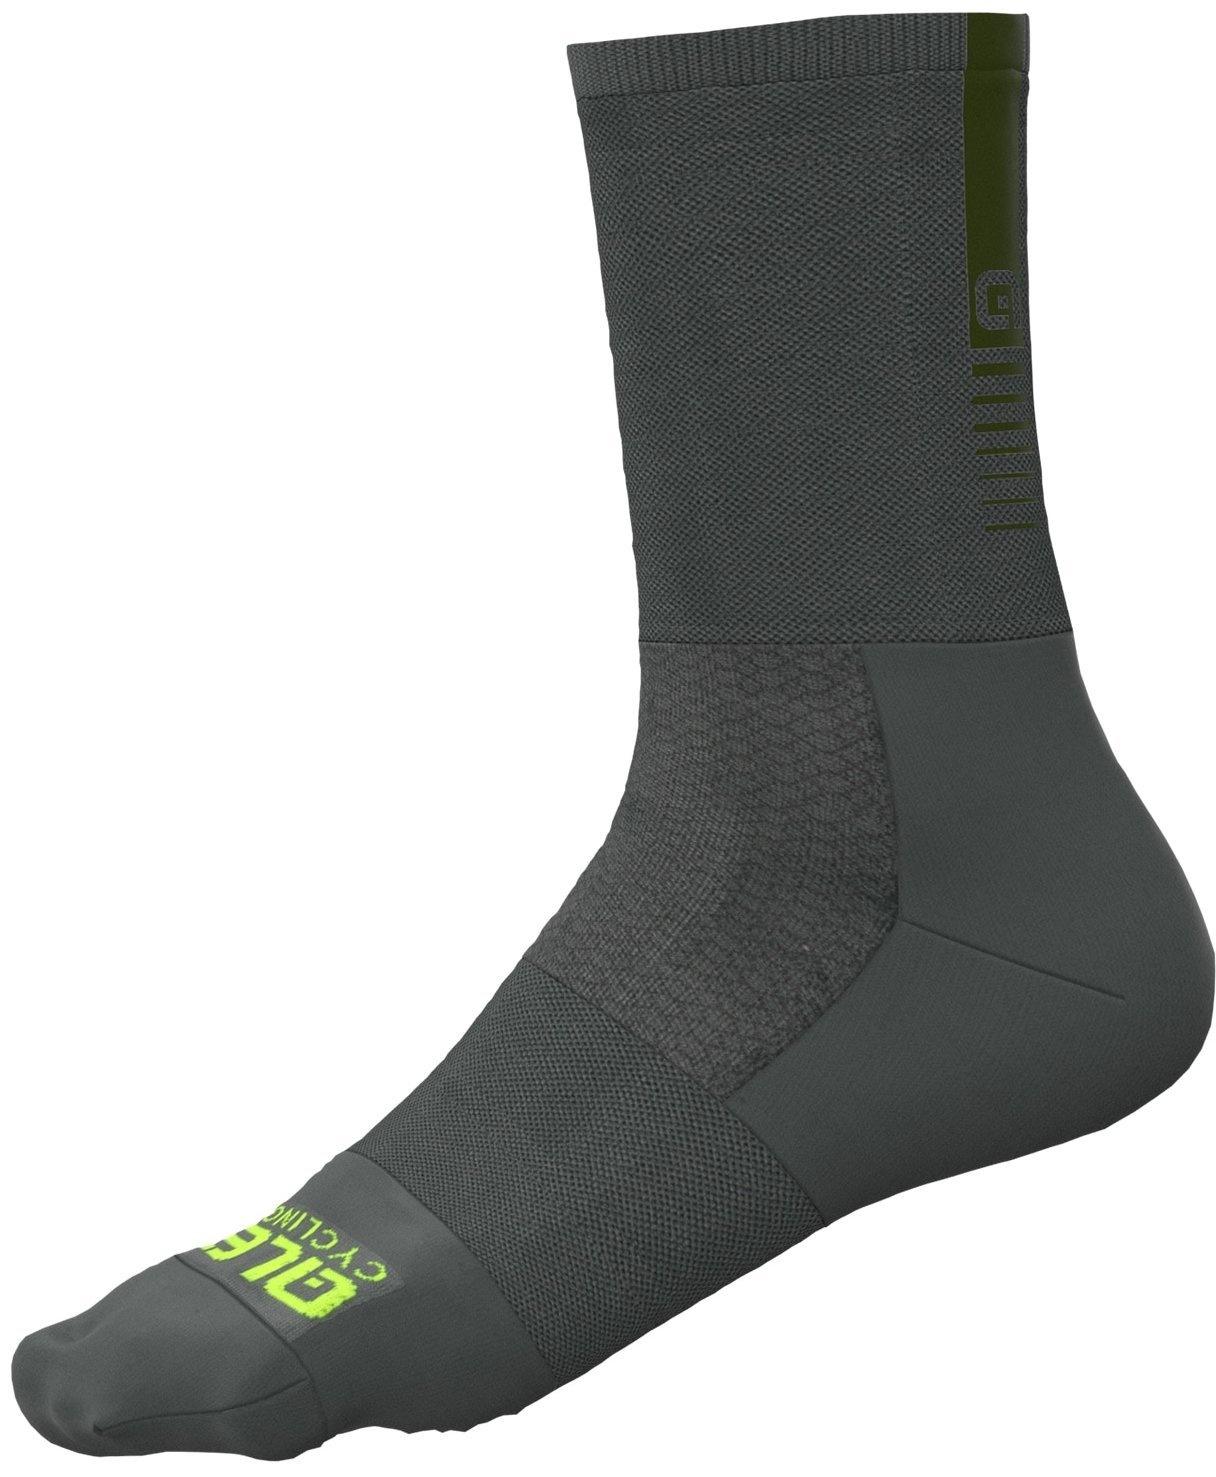 Alé Sokker Green - Miljøvenligt